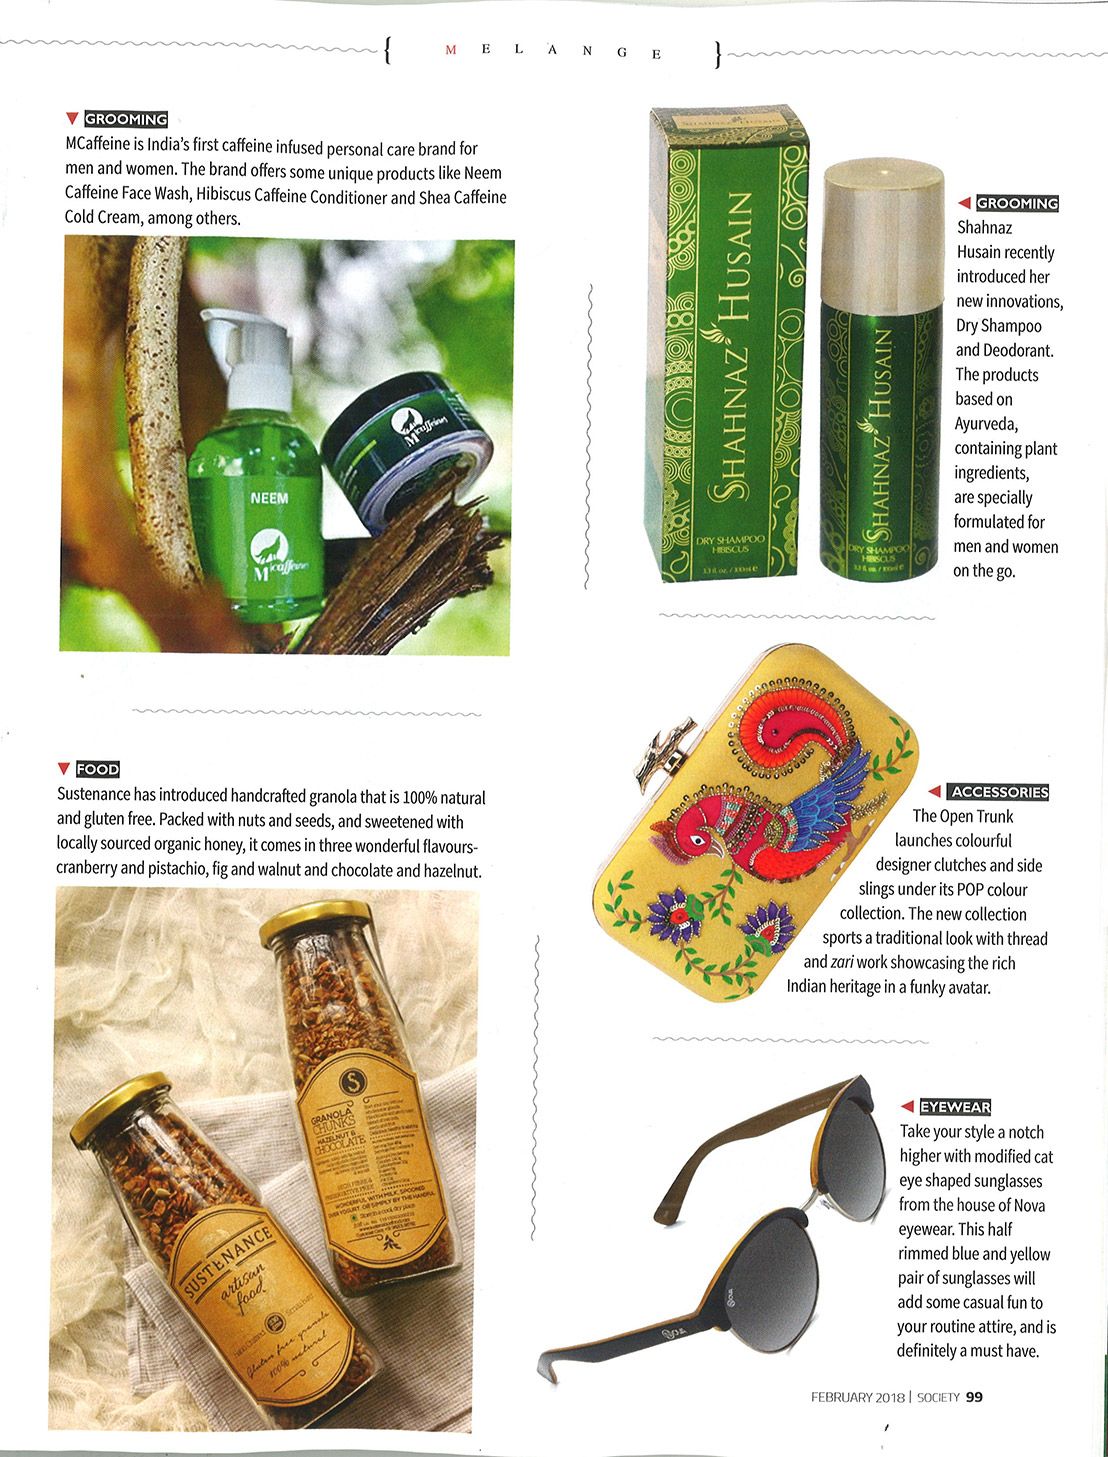 Nova Eyewear Society magazine